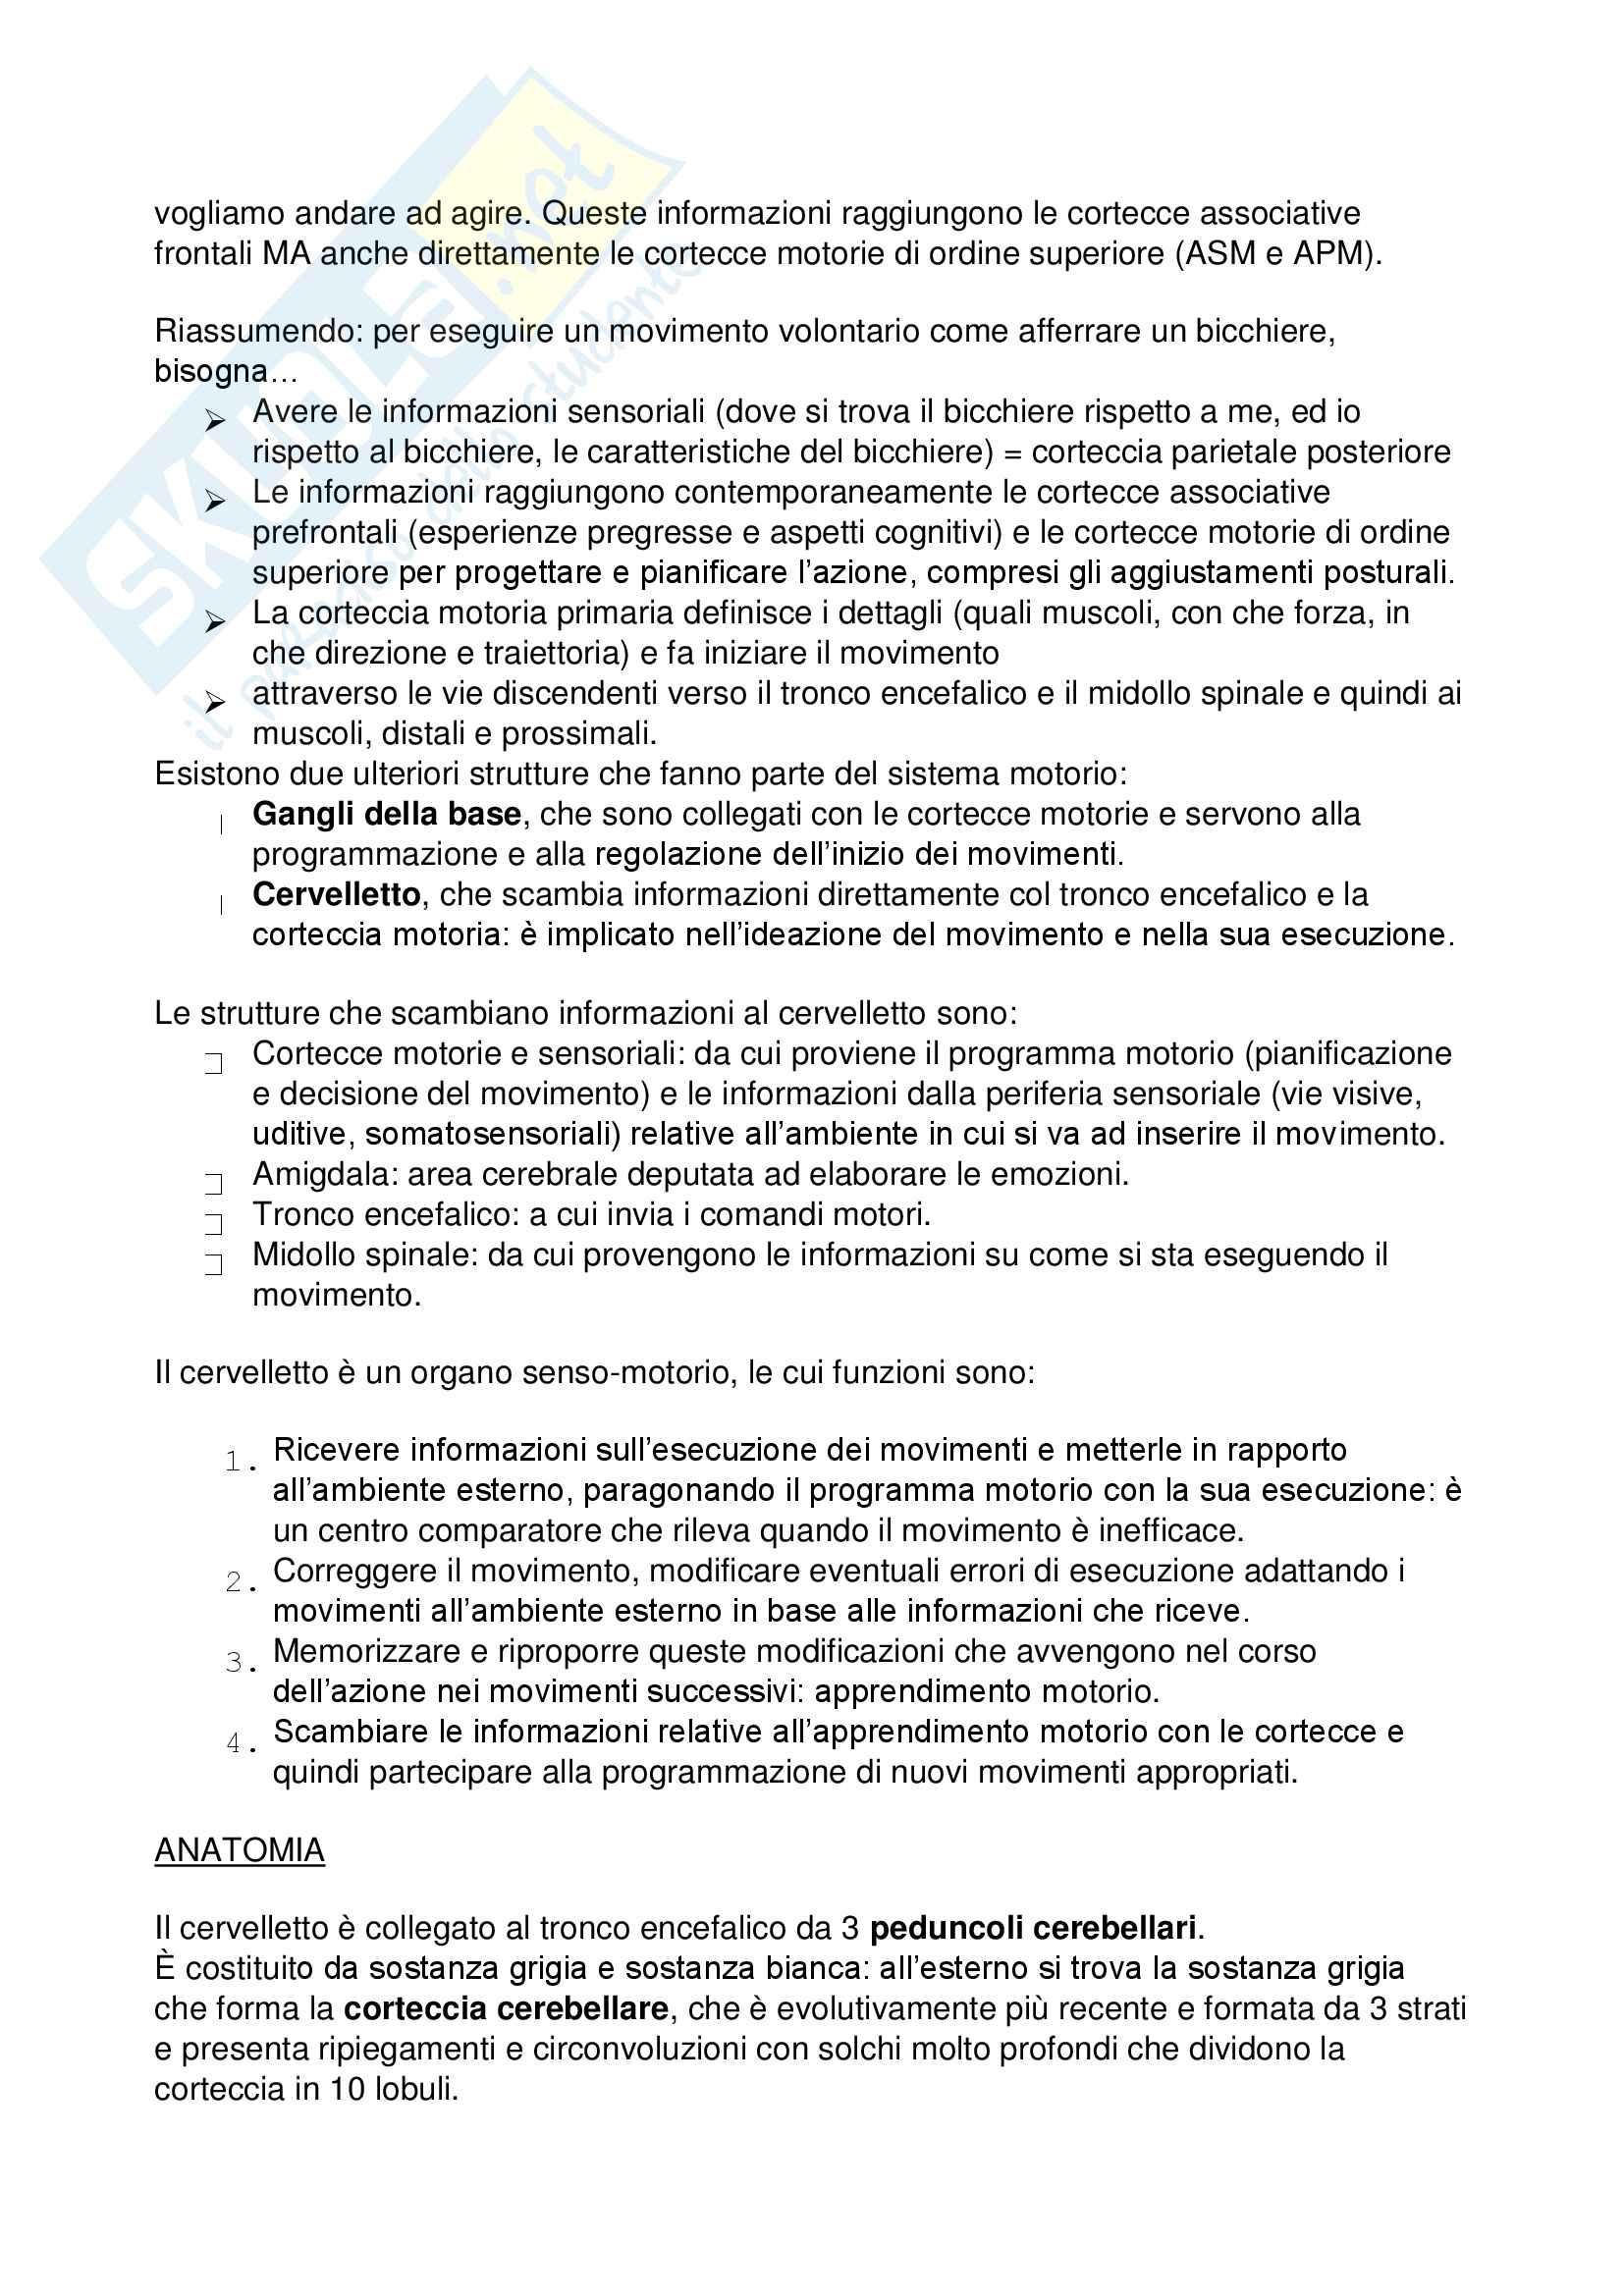 Appunti per l'esame di Neuroscienze, basato su appunti personali e studio autonomo del testo consigliato dal docente Sacchetti e Pia, Purves Neuroscienze Pag. 81